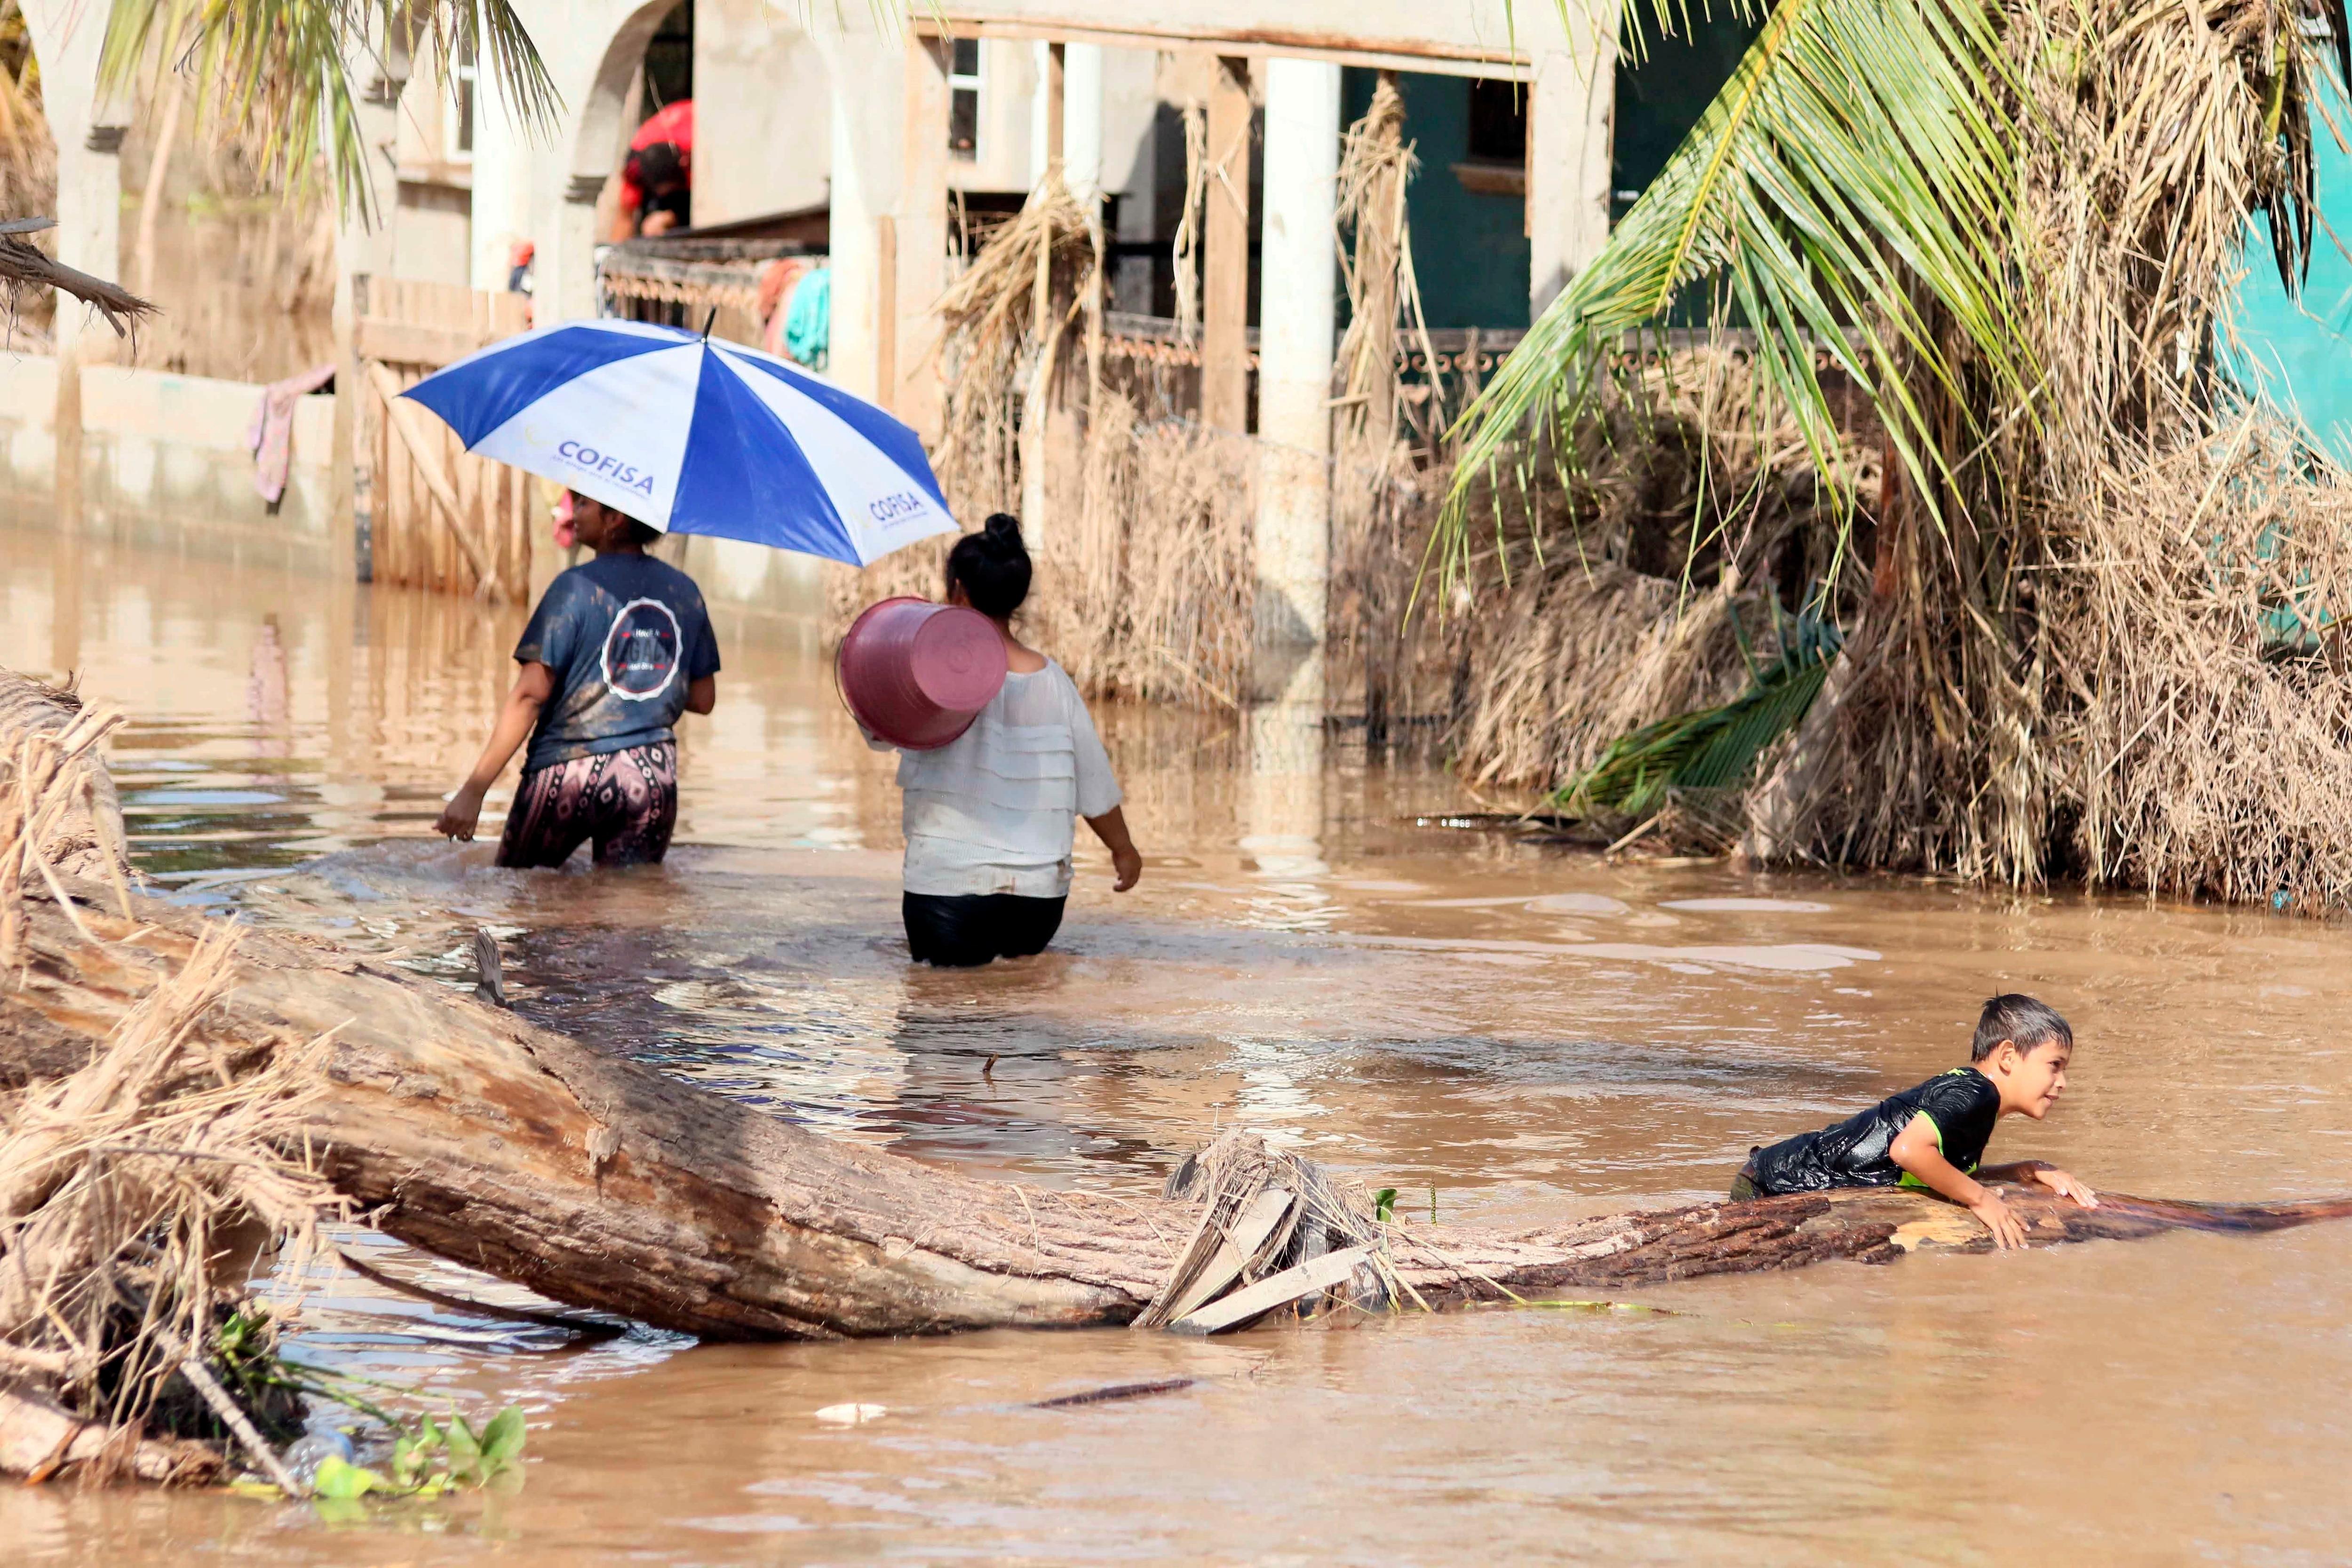 Imágenes de una inundación provocada por la tormenta tropical Eta e Iota en la comunidad La Guadalupe, de Honduras, en noviembre de 2020  EFE/Germán Reyes